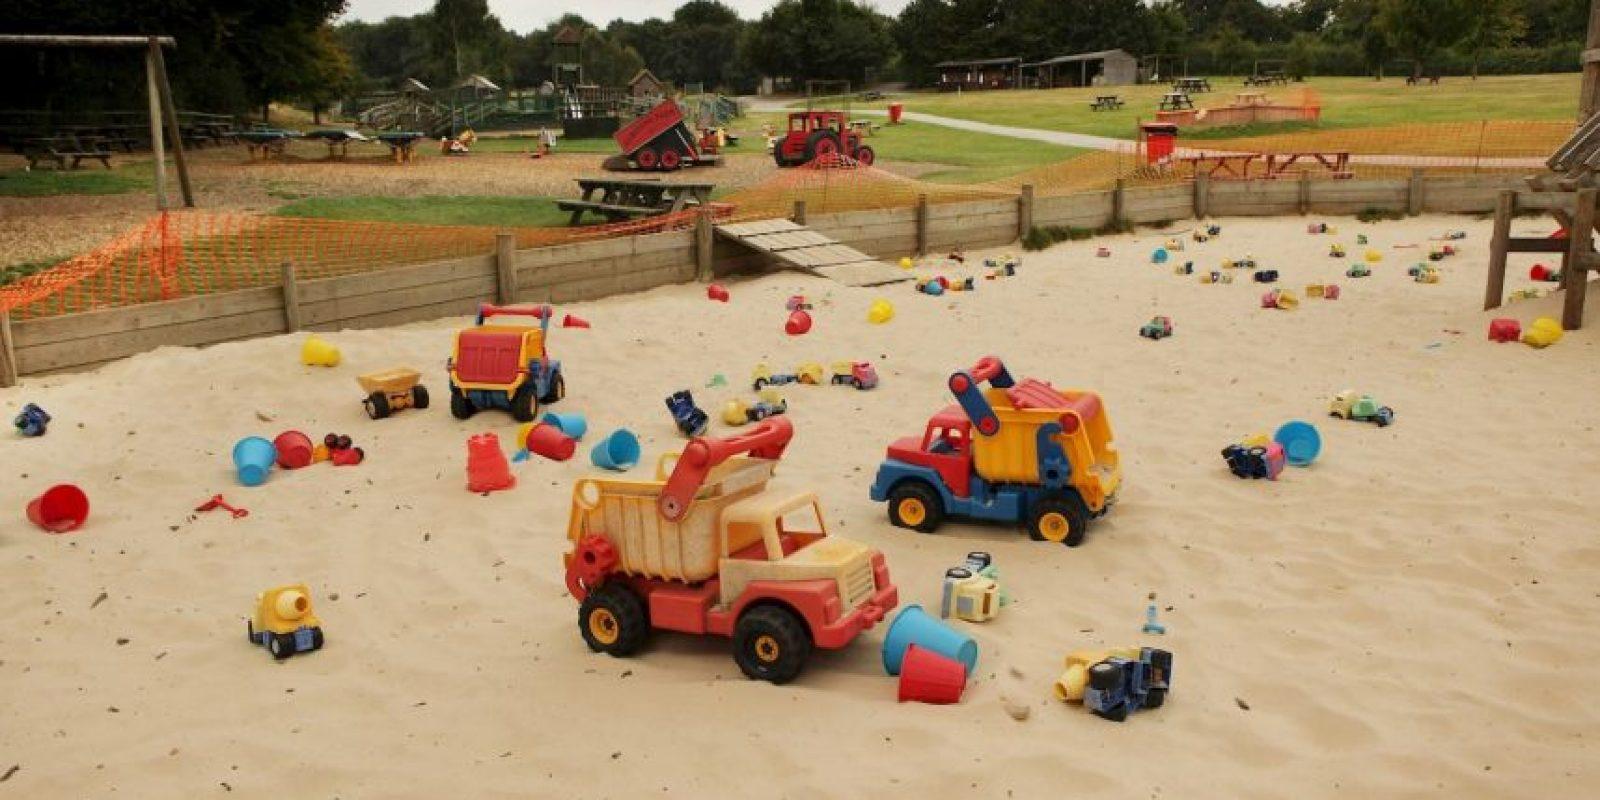 Los menores escaparon utilizando sus juguetes para arena Foto:Getty Images